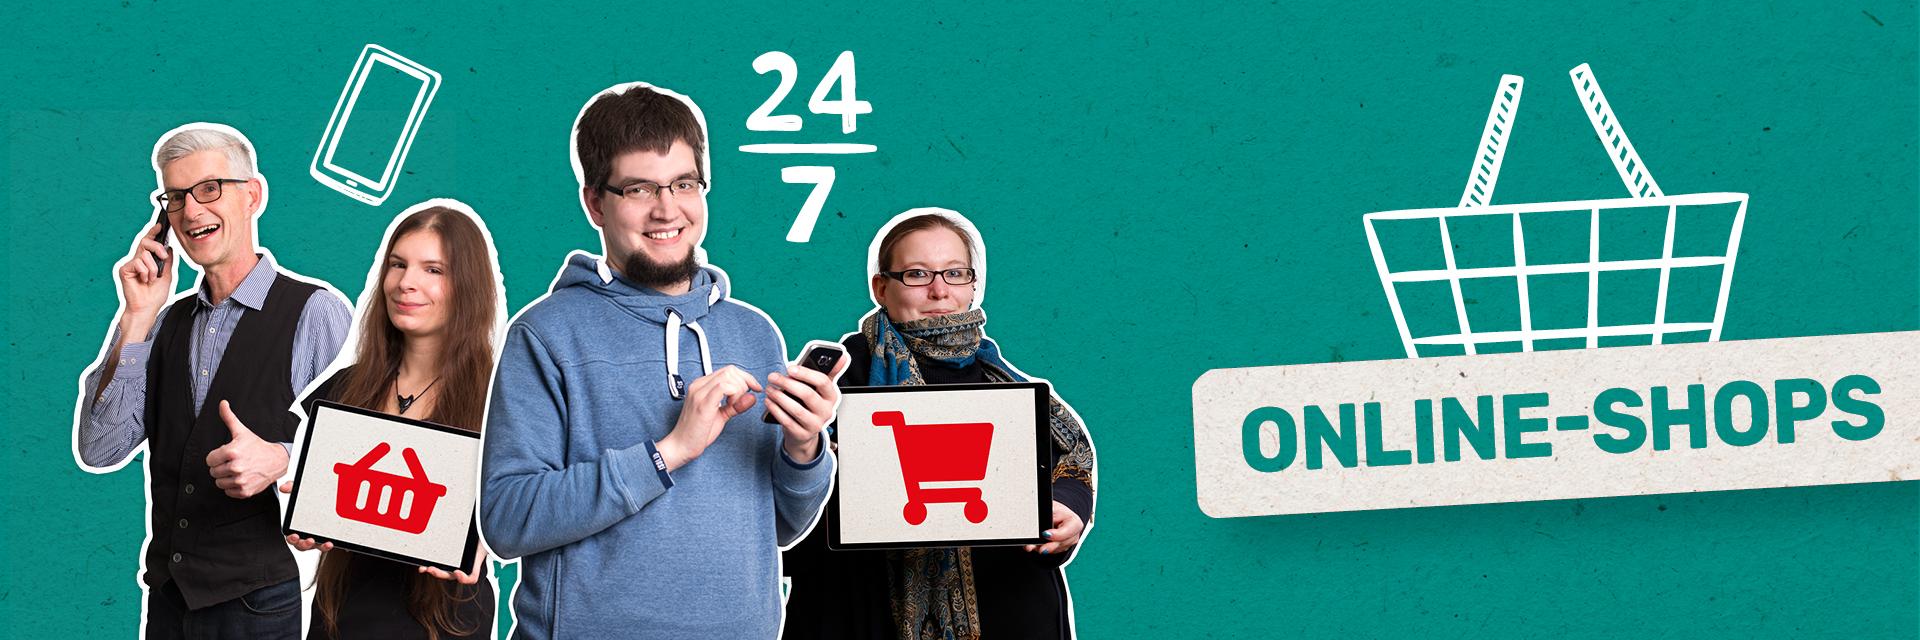 Konzeption, Design & Umsetzung Online Shops von der FRIEDSAM Werbeagentur